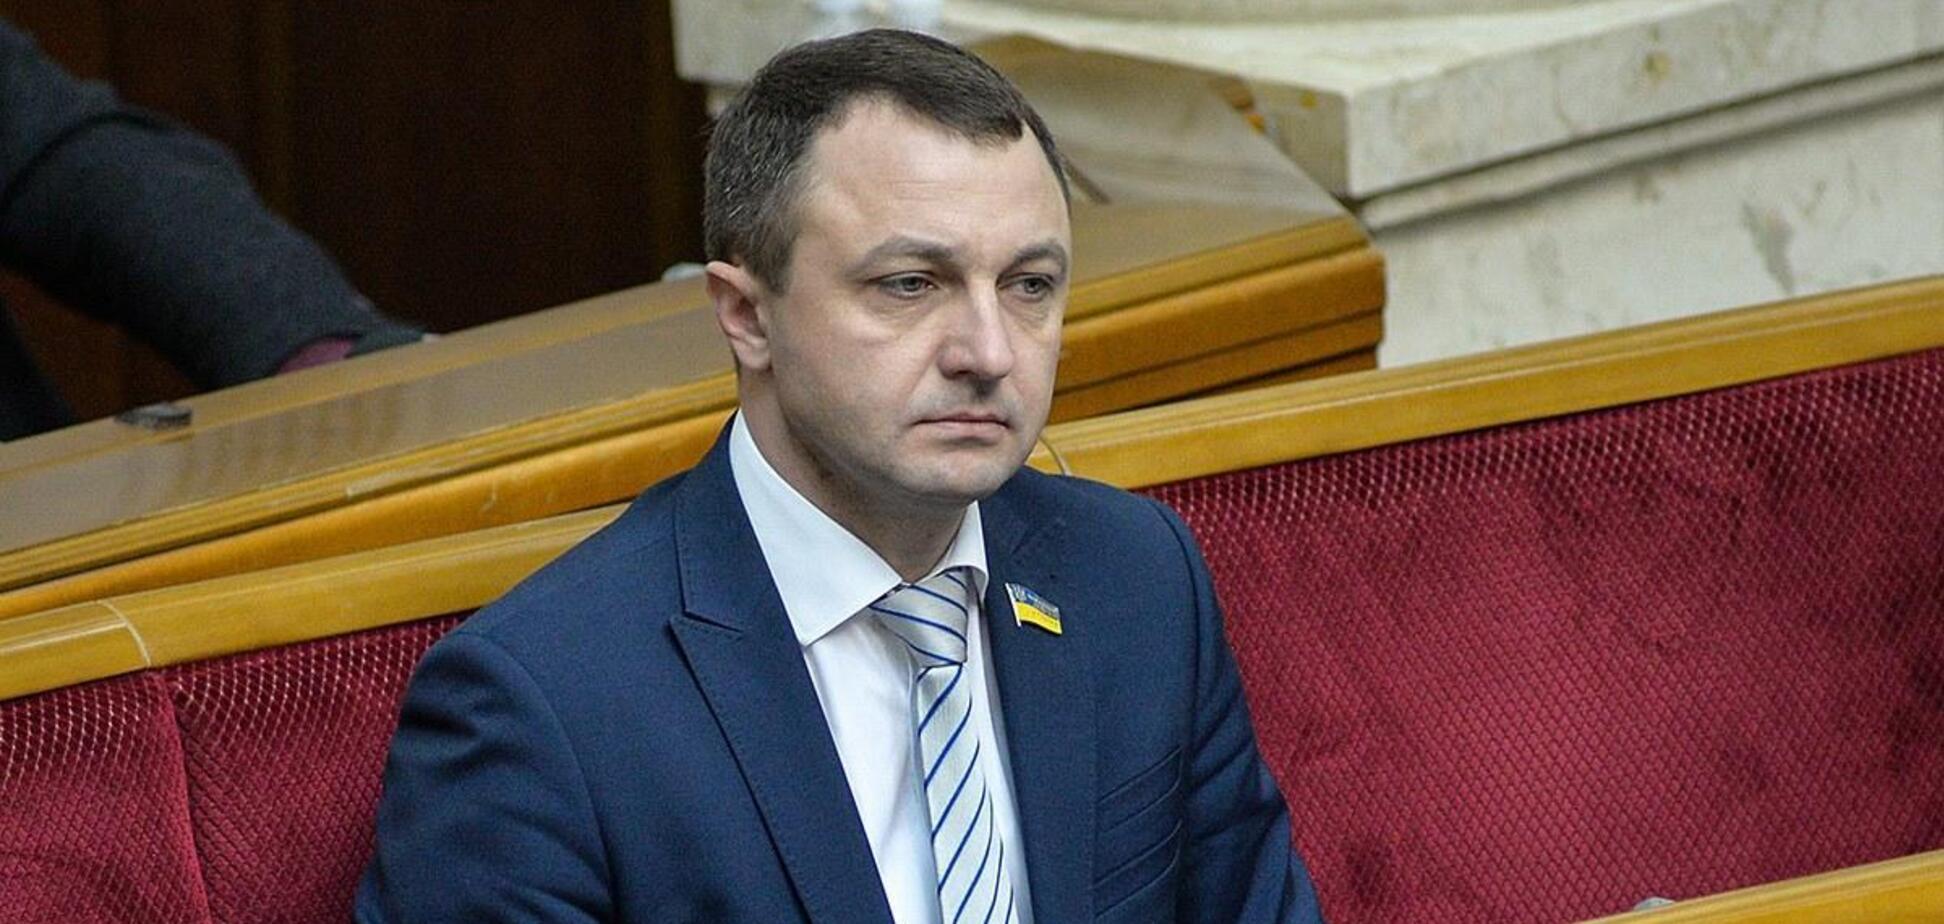 Іспит на знання української мови не складатимуть депутати і правоохоронці, – Кремінь